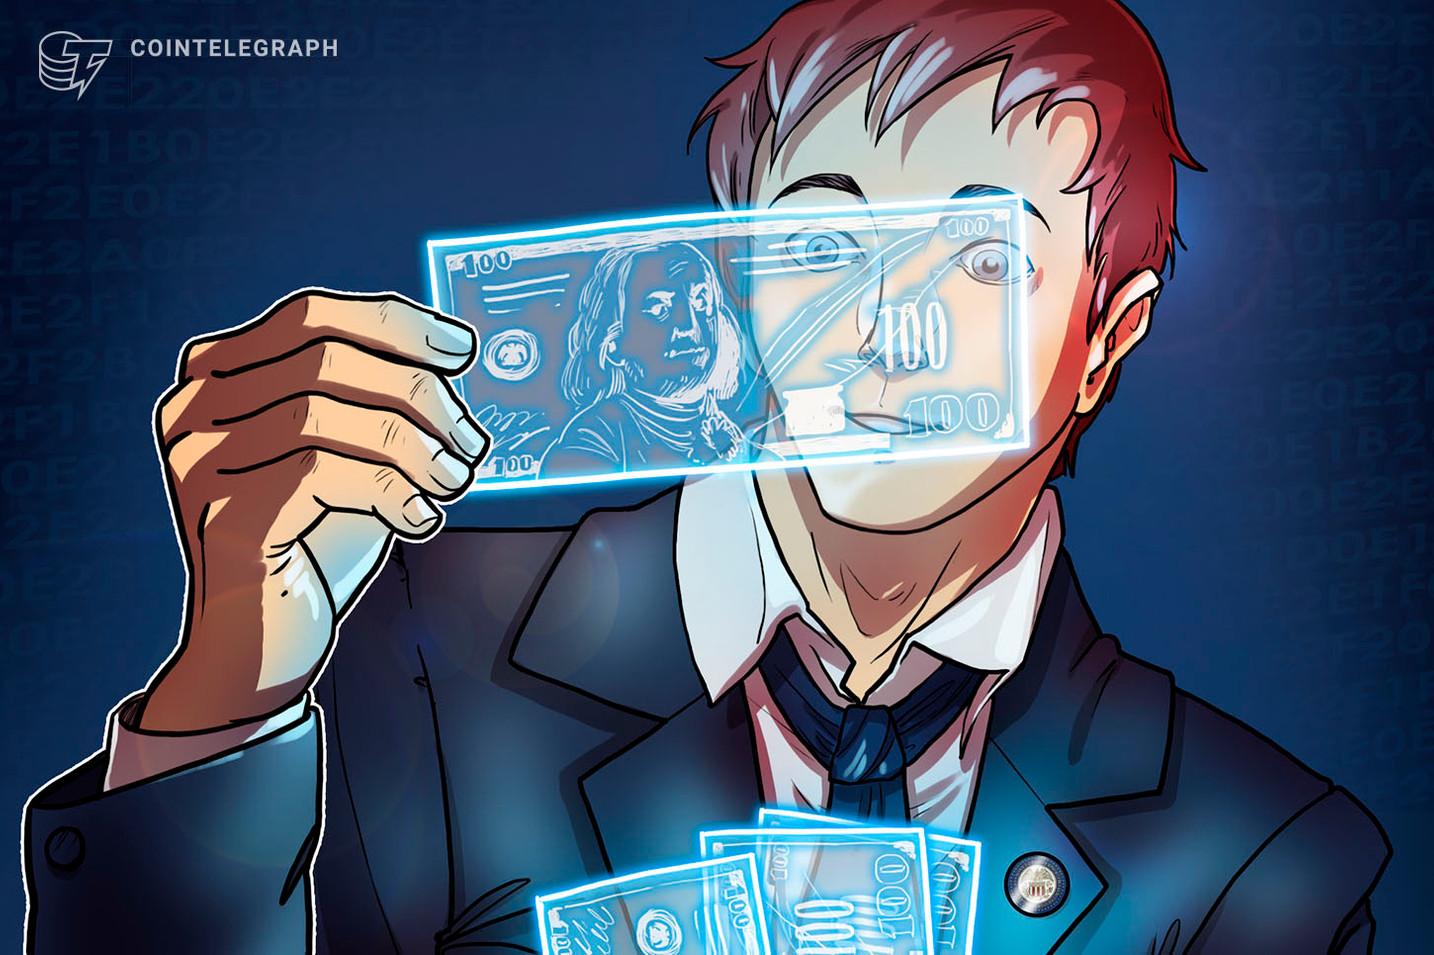 جيروم باول: مجلس الاحتياطي الفيدرالي لا يزال مترددًا بشأن الدولار الرقمي